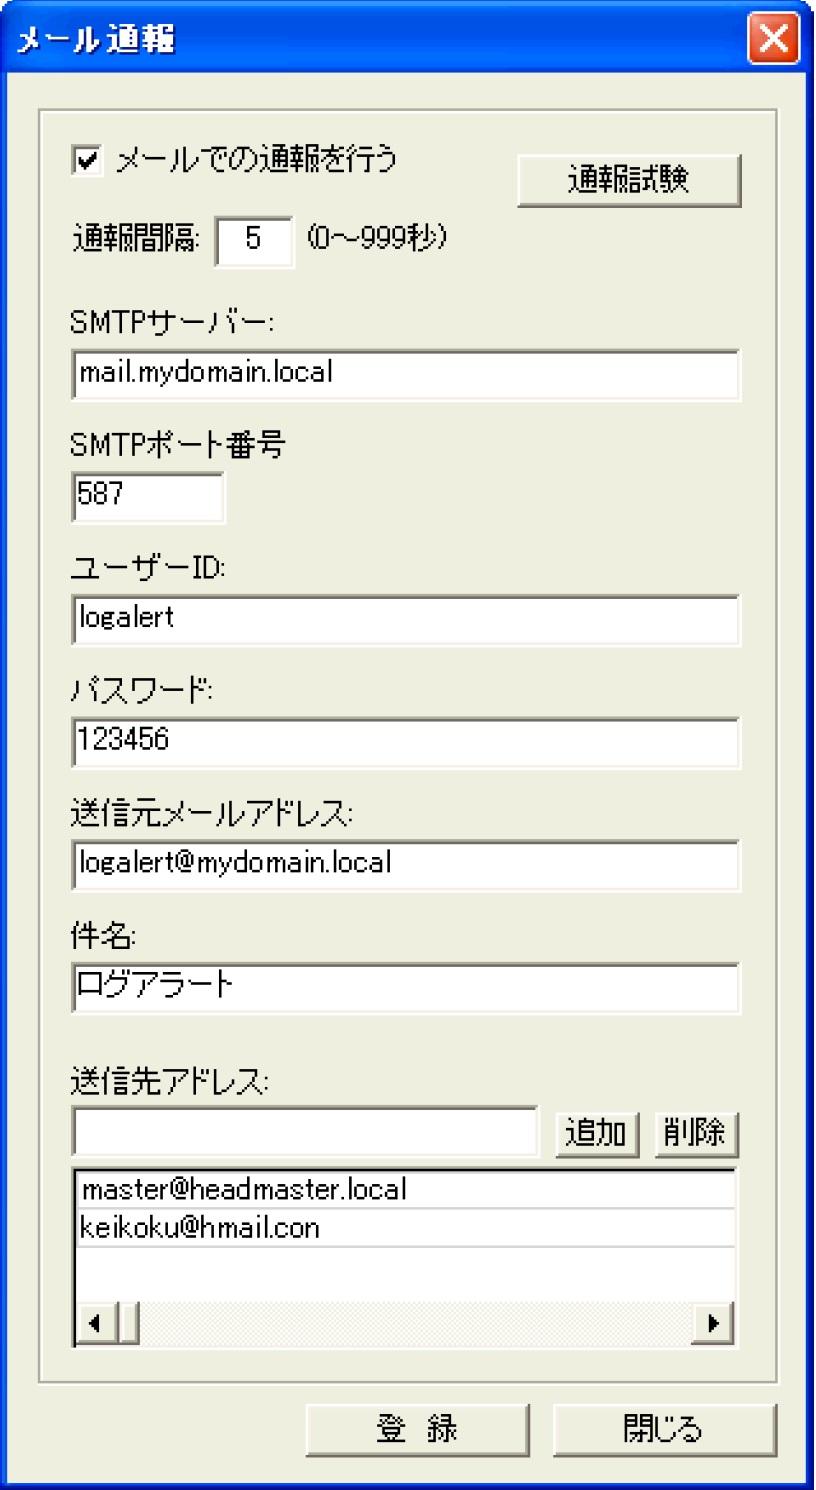 ログアラートメール通報の登録